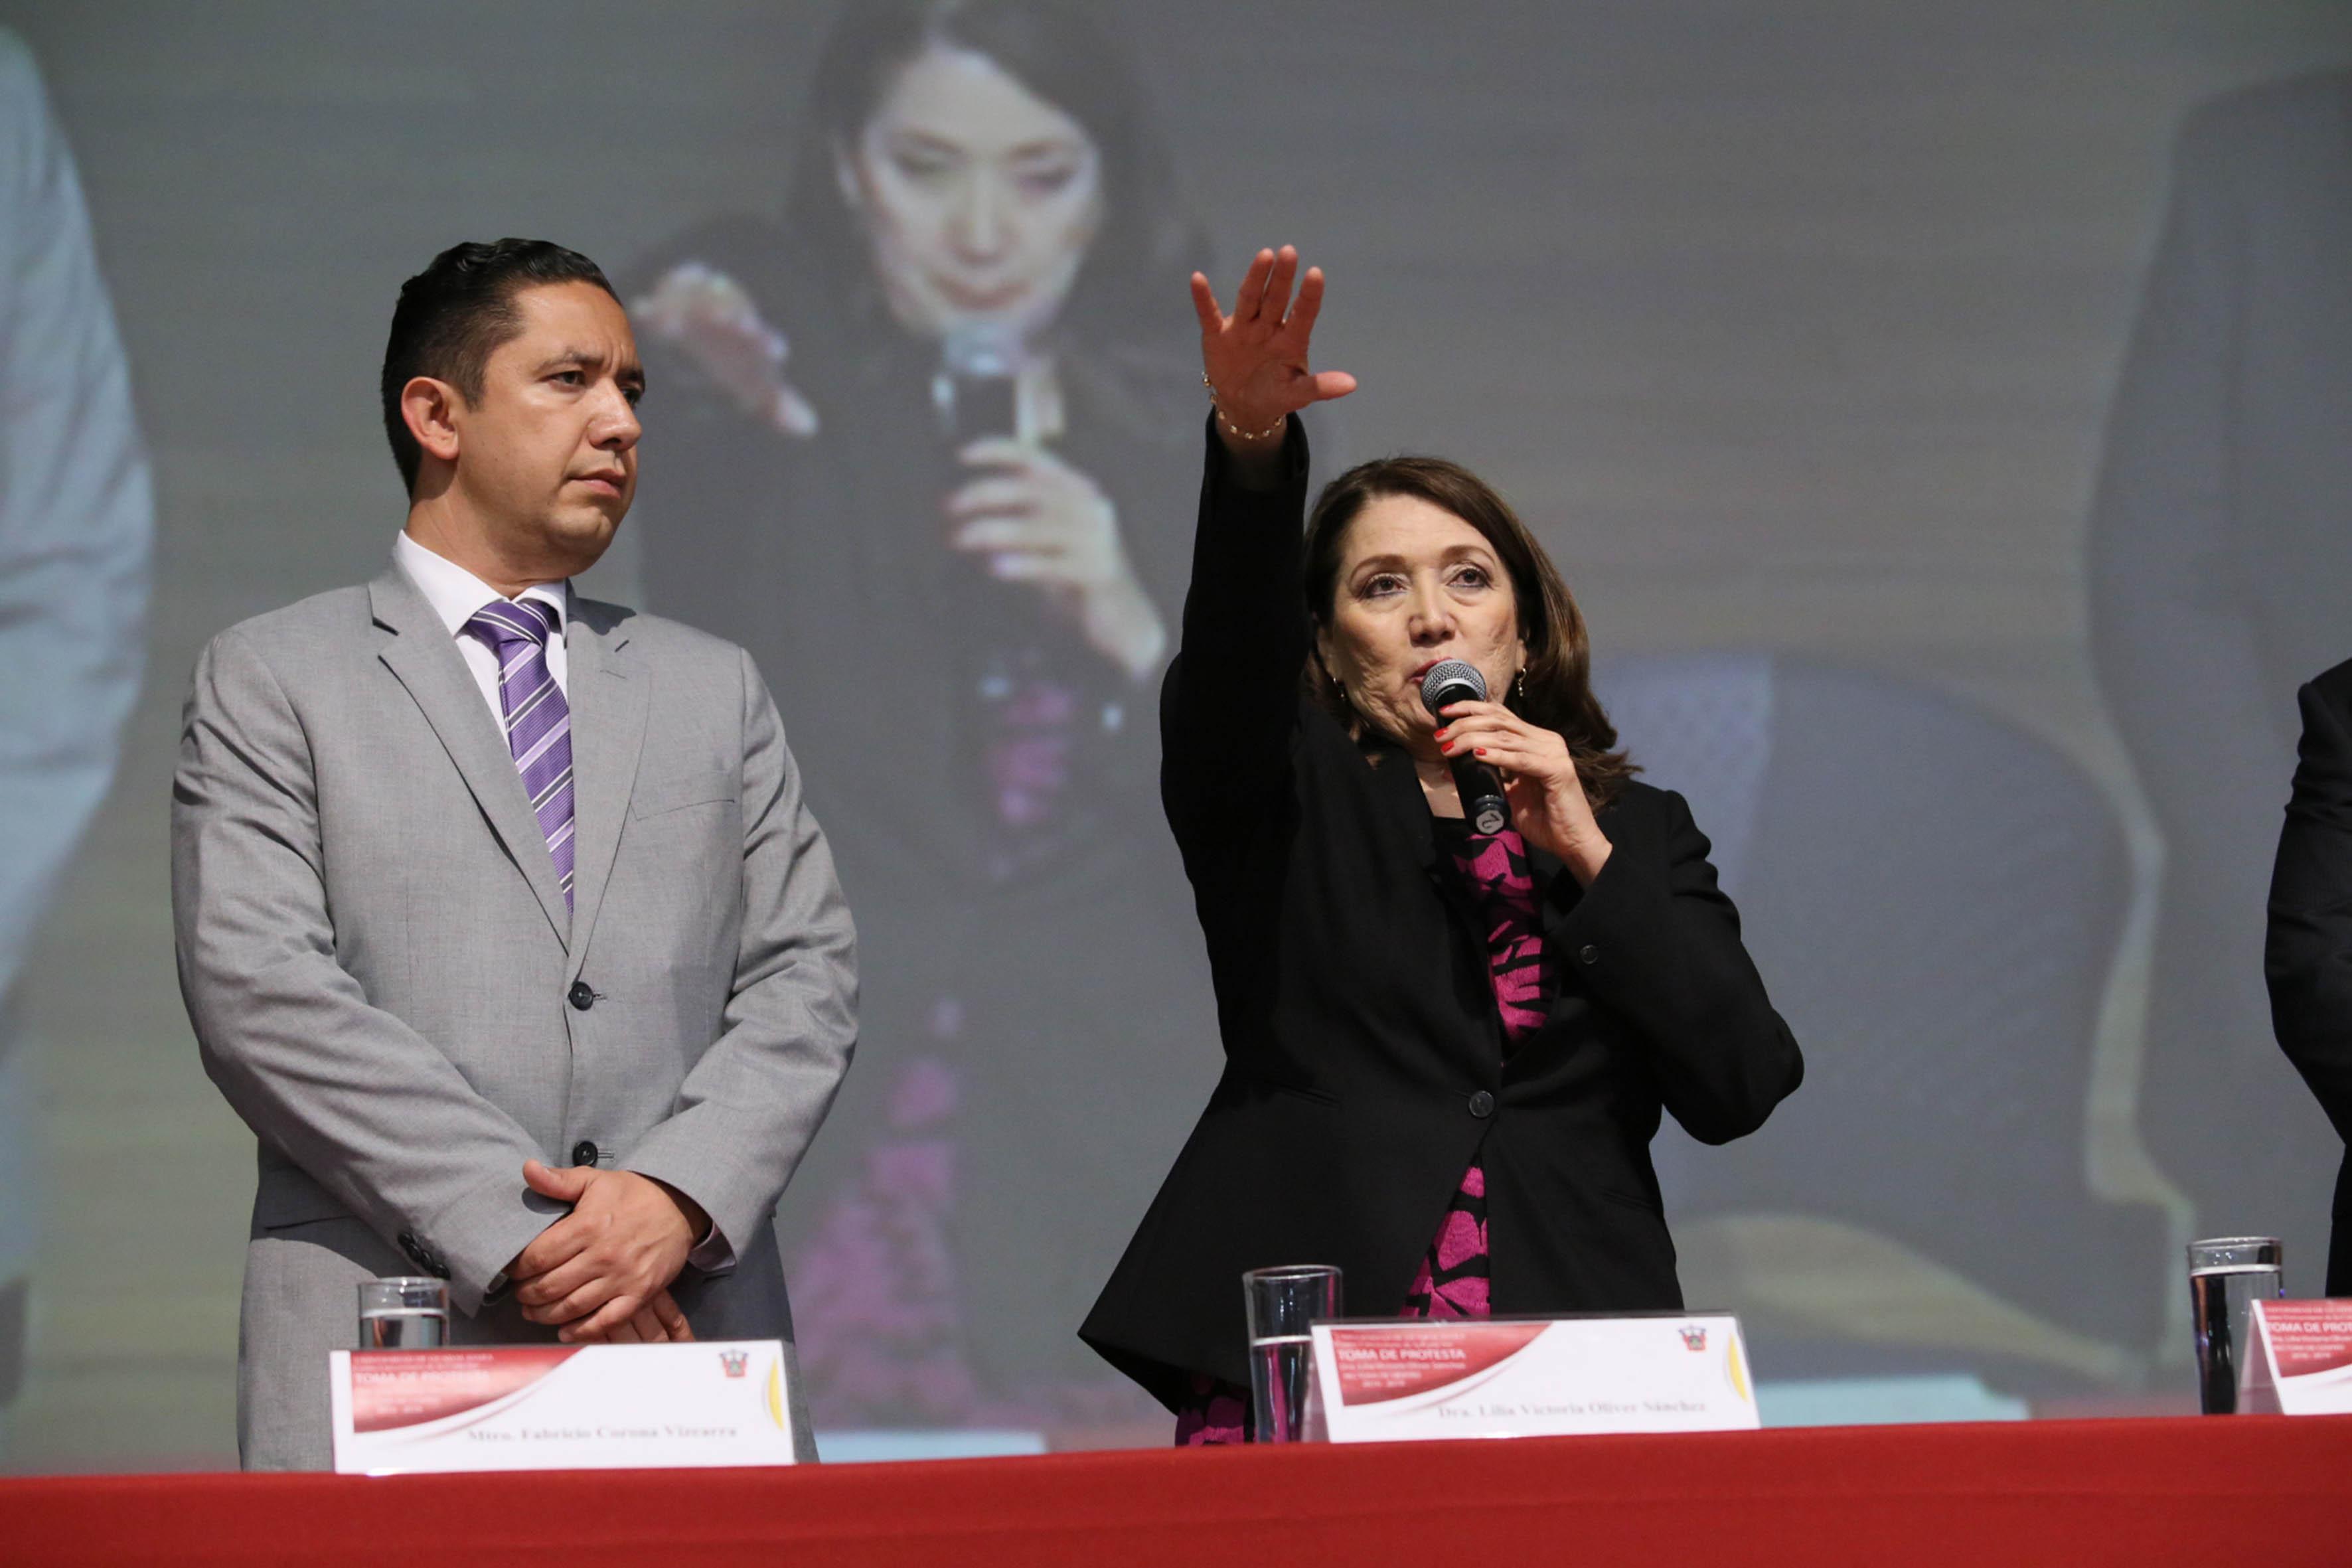 Toma de protesta de la doctora Lilia Victoria Oliver Sánchez, como la nueva Rectora del Centro Universitario de la Costa Sur (CUCSur), con sede en Autlán de Navarro, para el período 2015-2019.